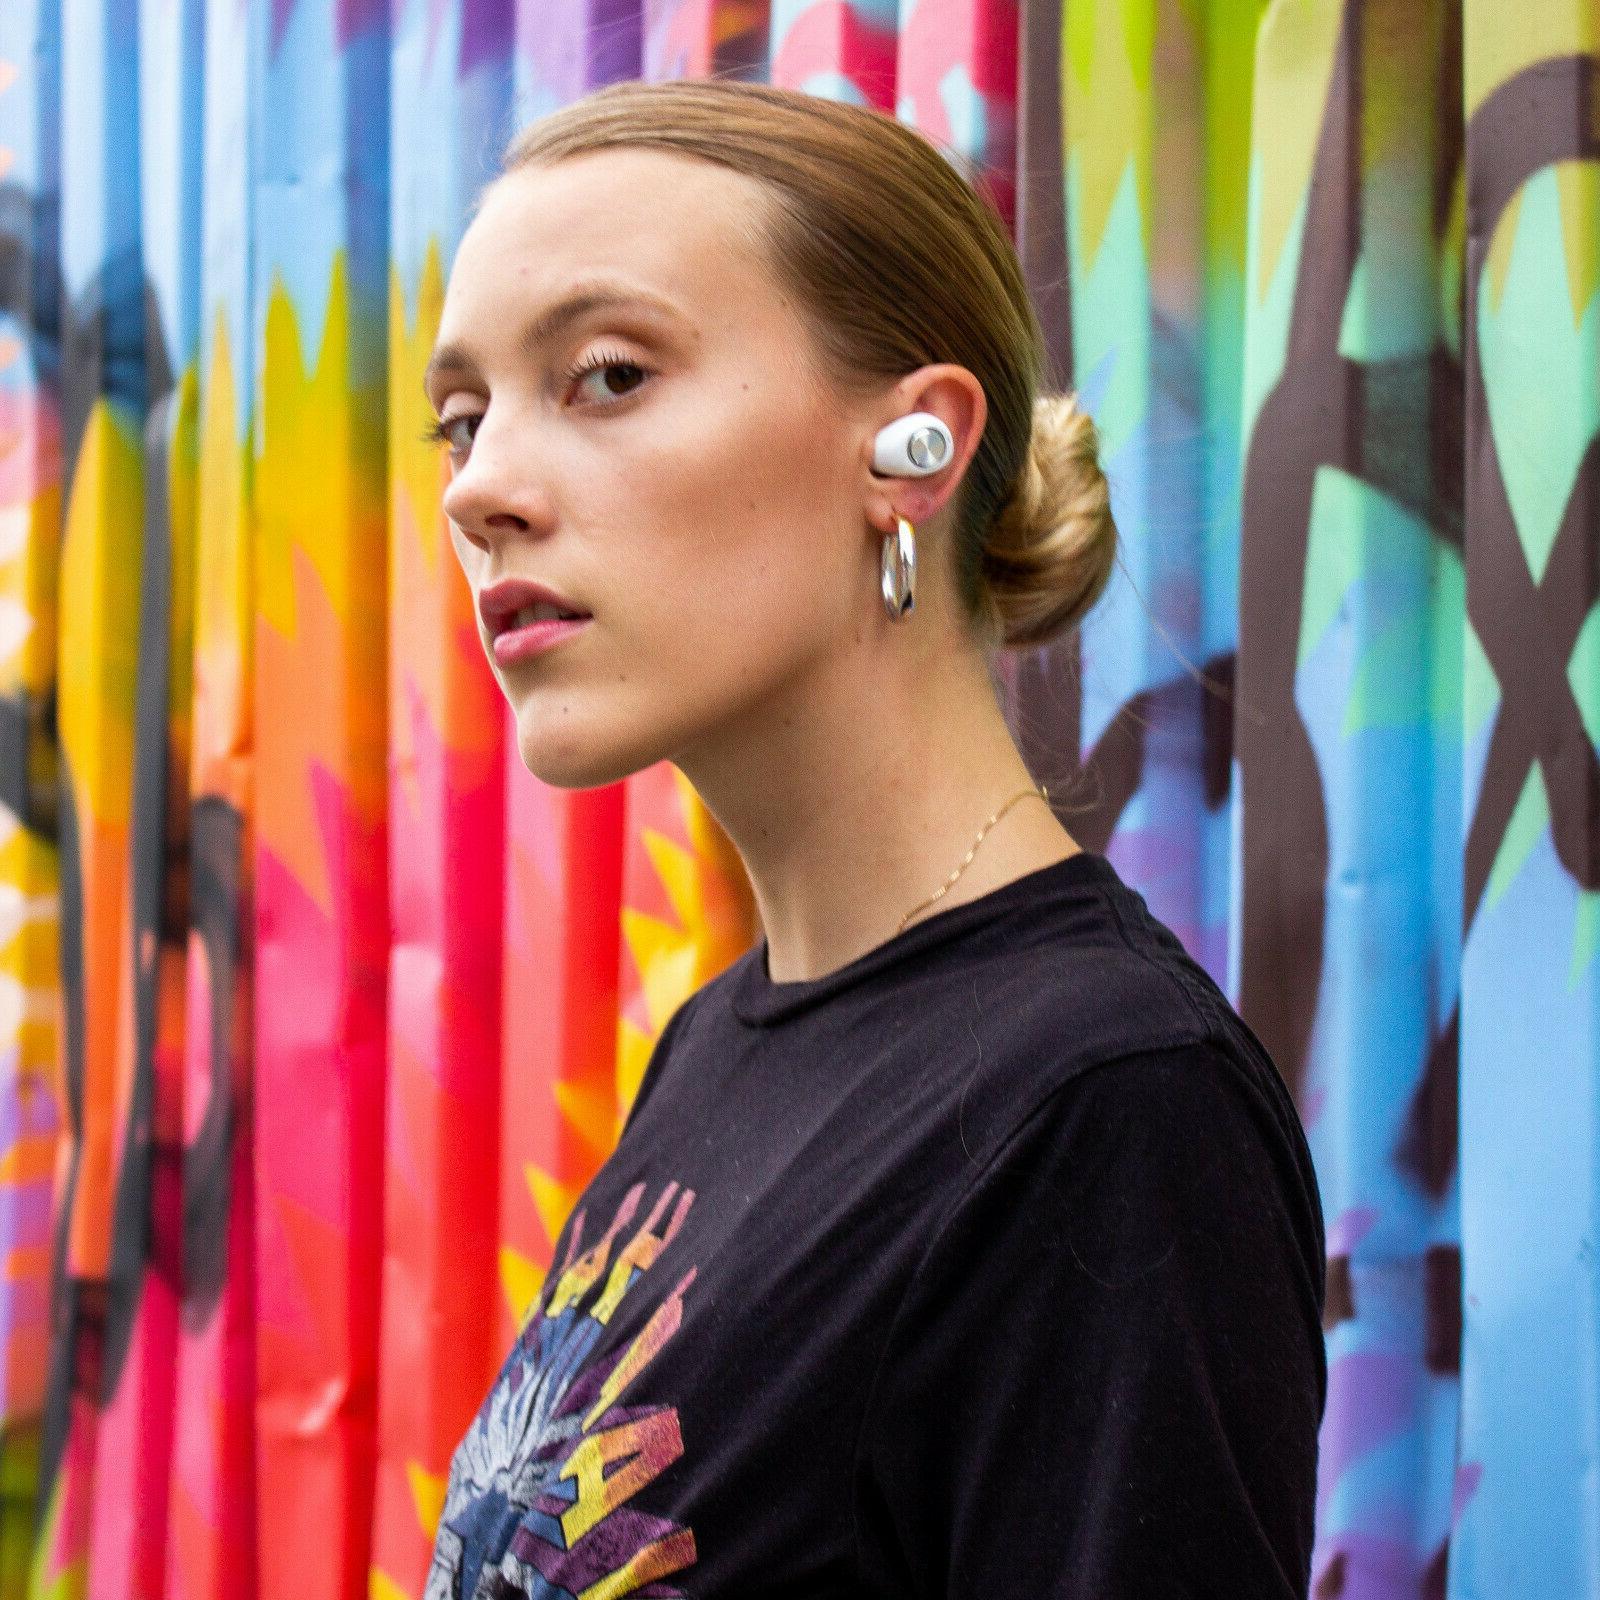 mono invisible mini bluetooth earbud mini wireless